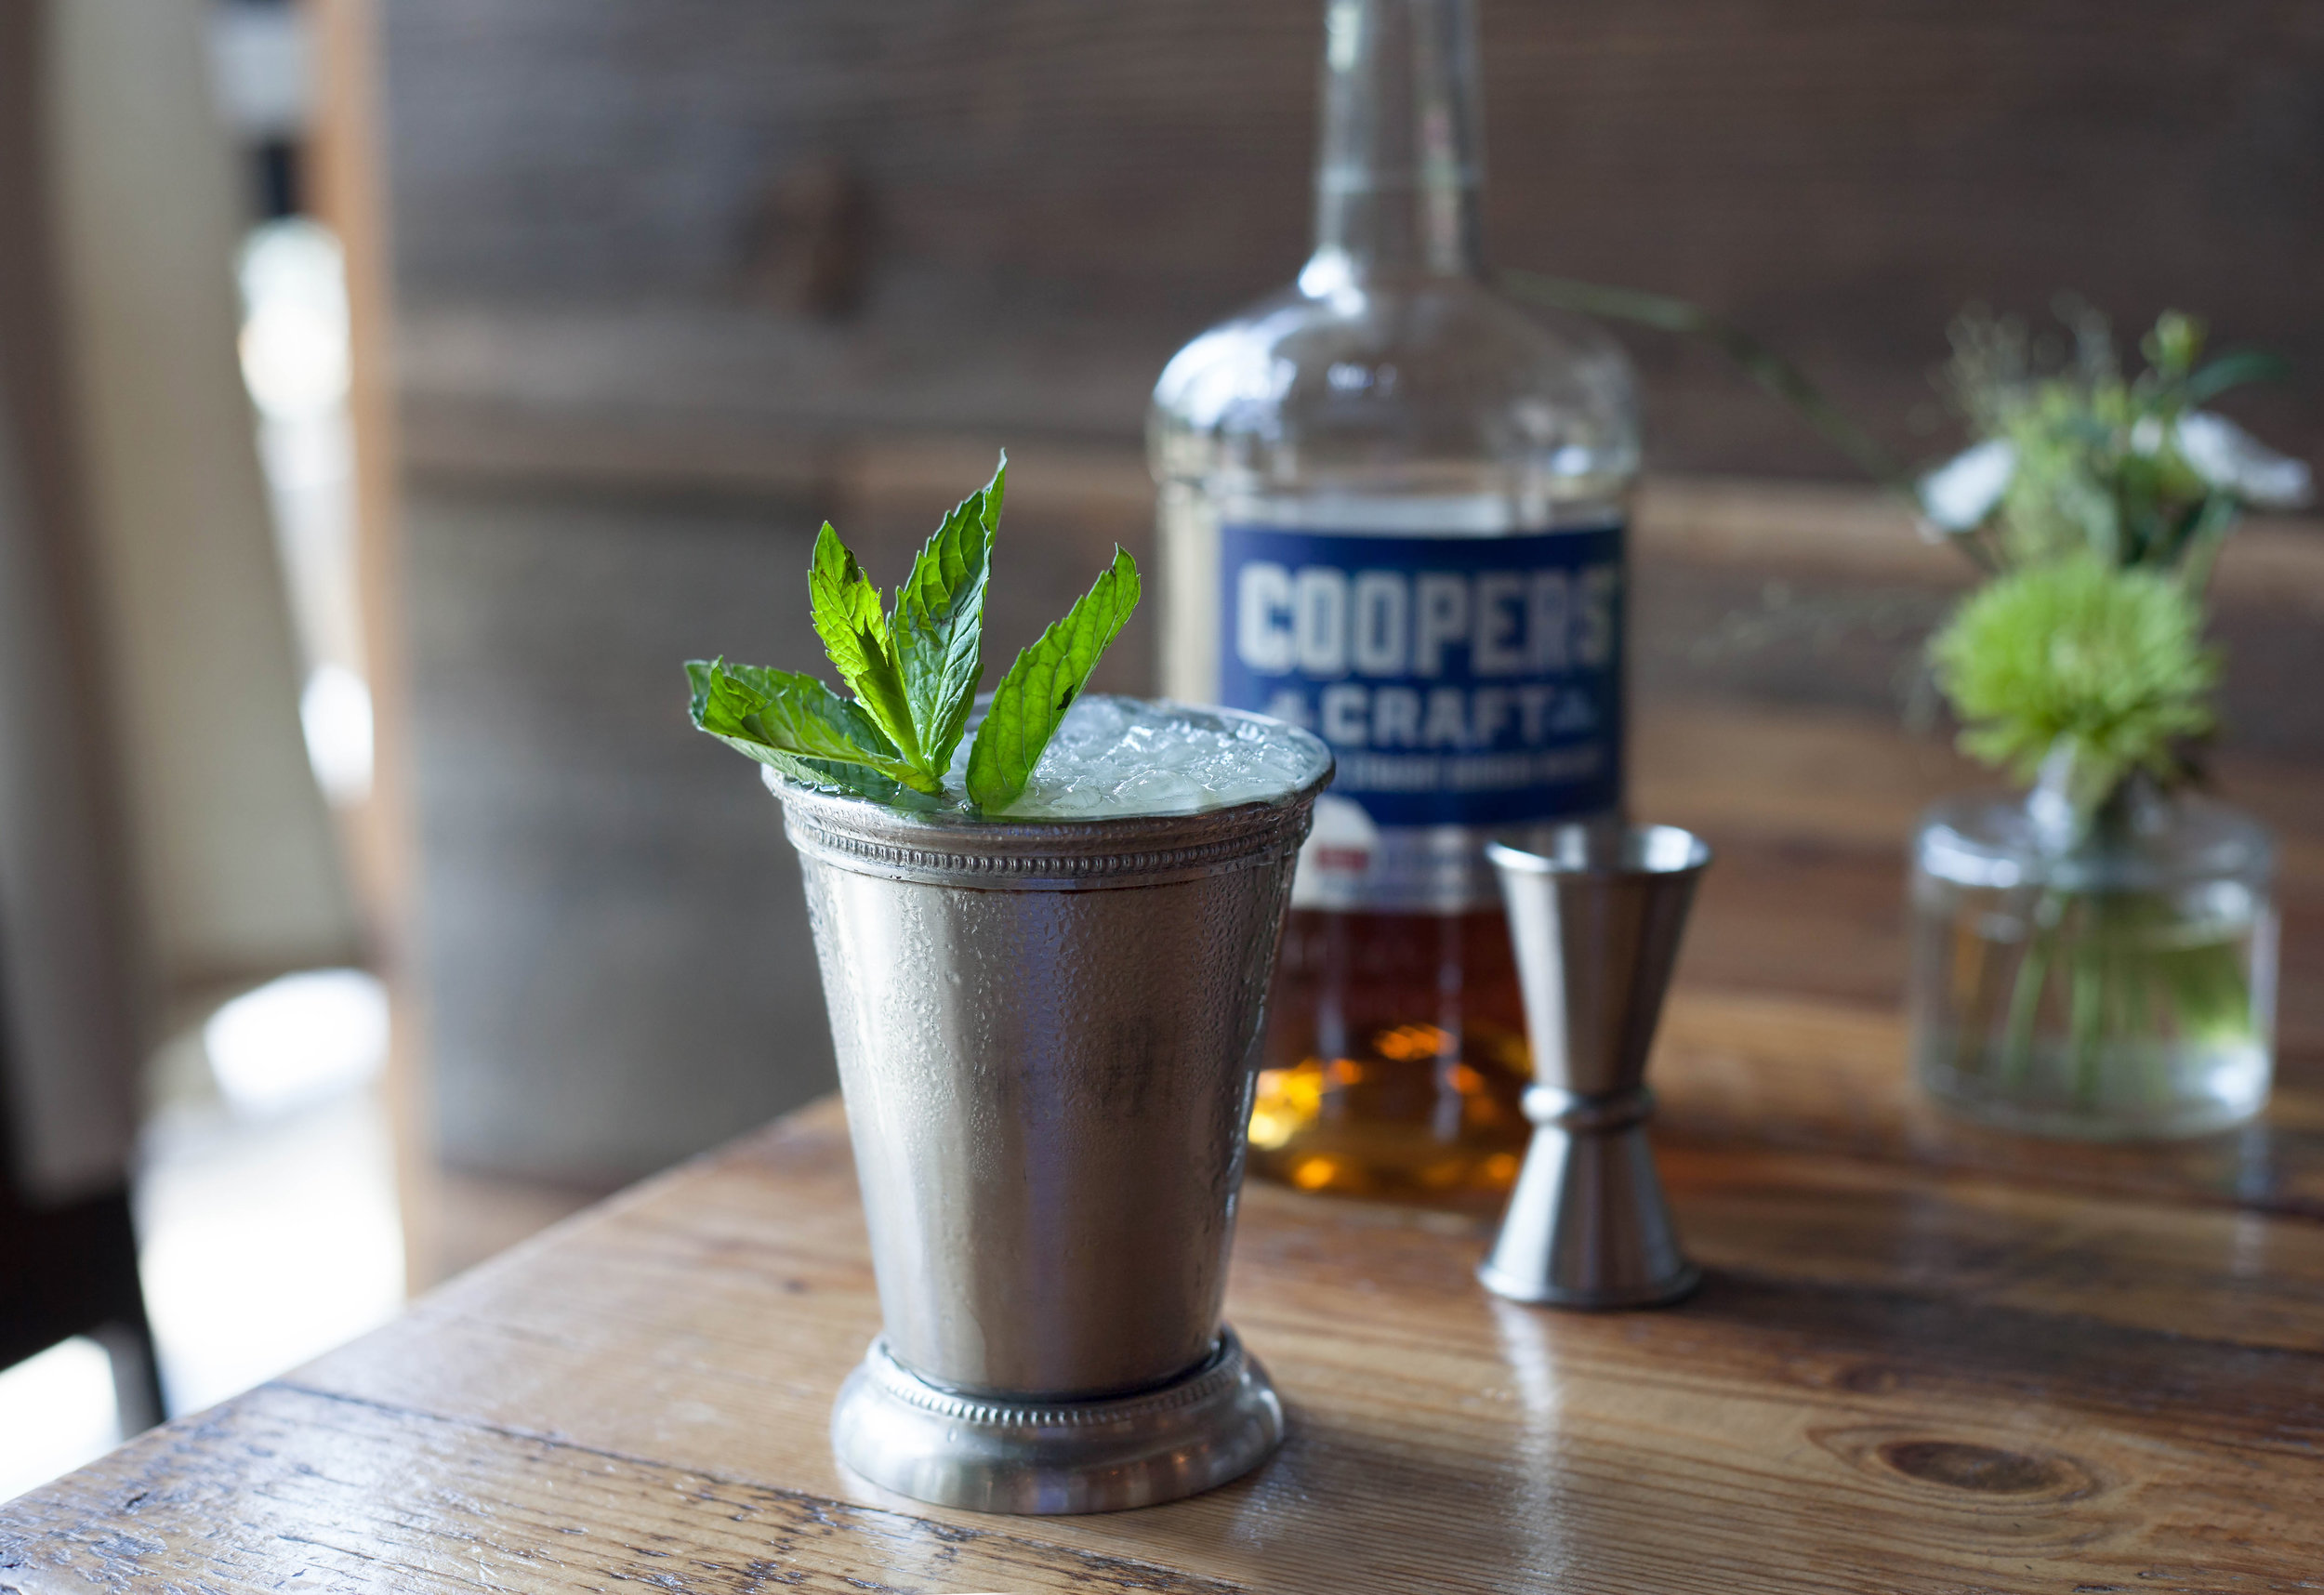 Cooper's Cup3.jpg